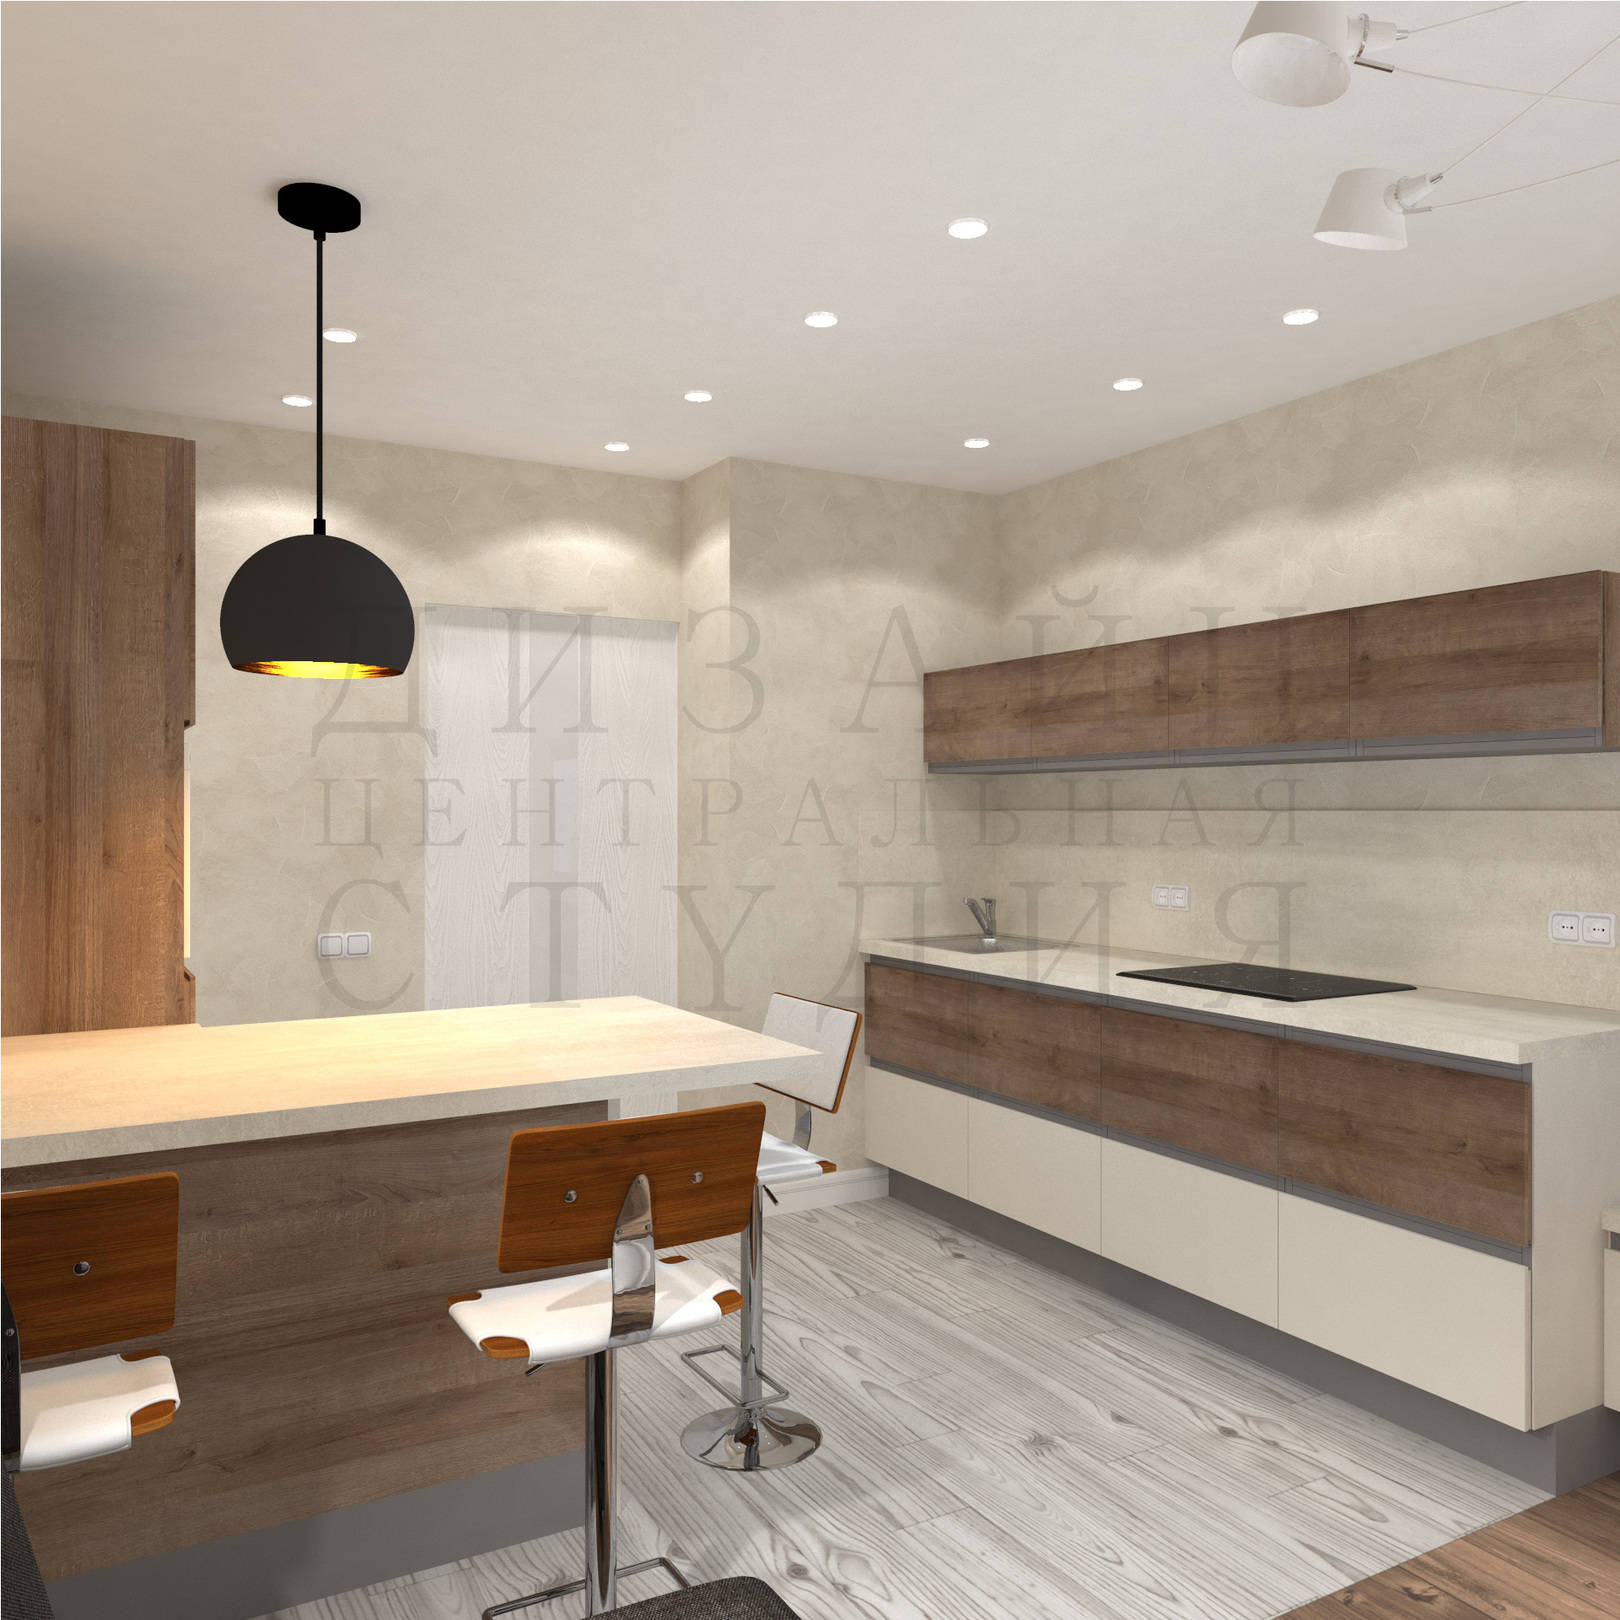 Дизайн интерьера современной кухни centraldesignstudio.ru